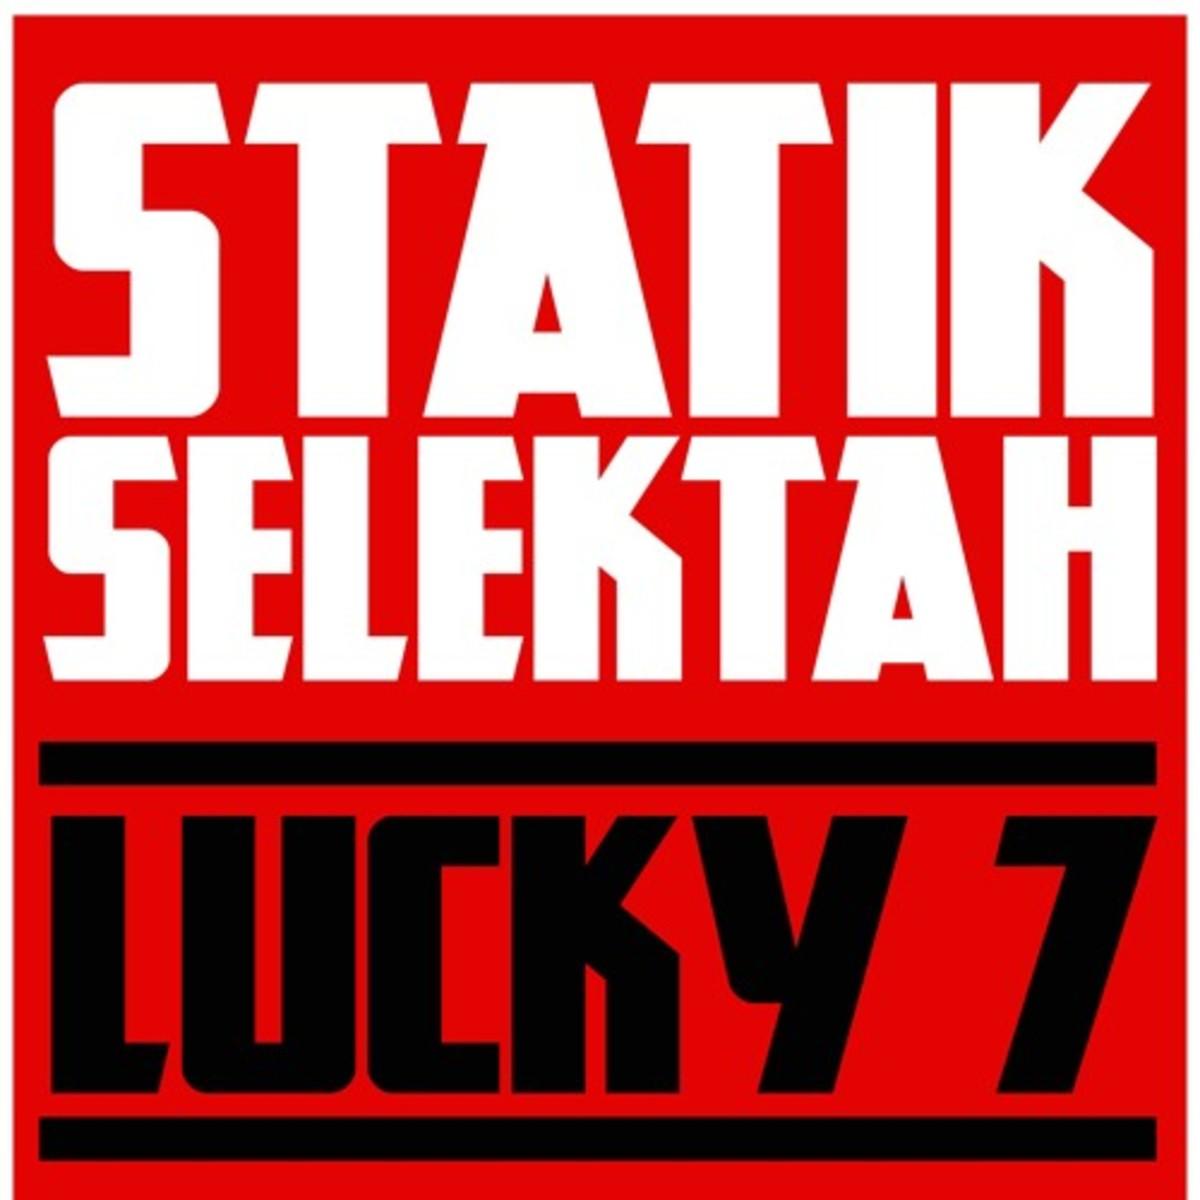 statik-selektah-couldnt-tell.jpg